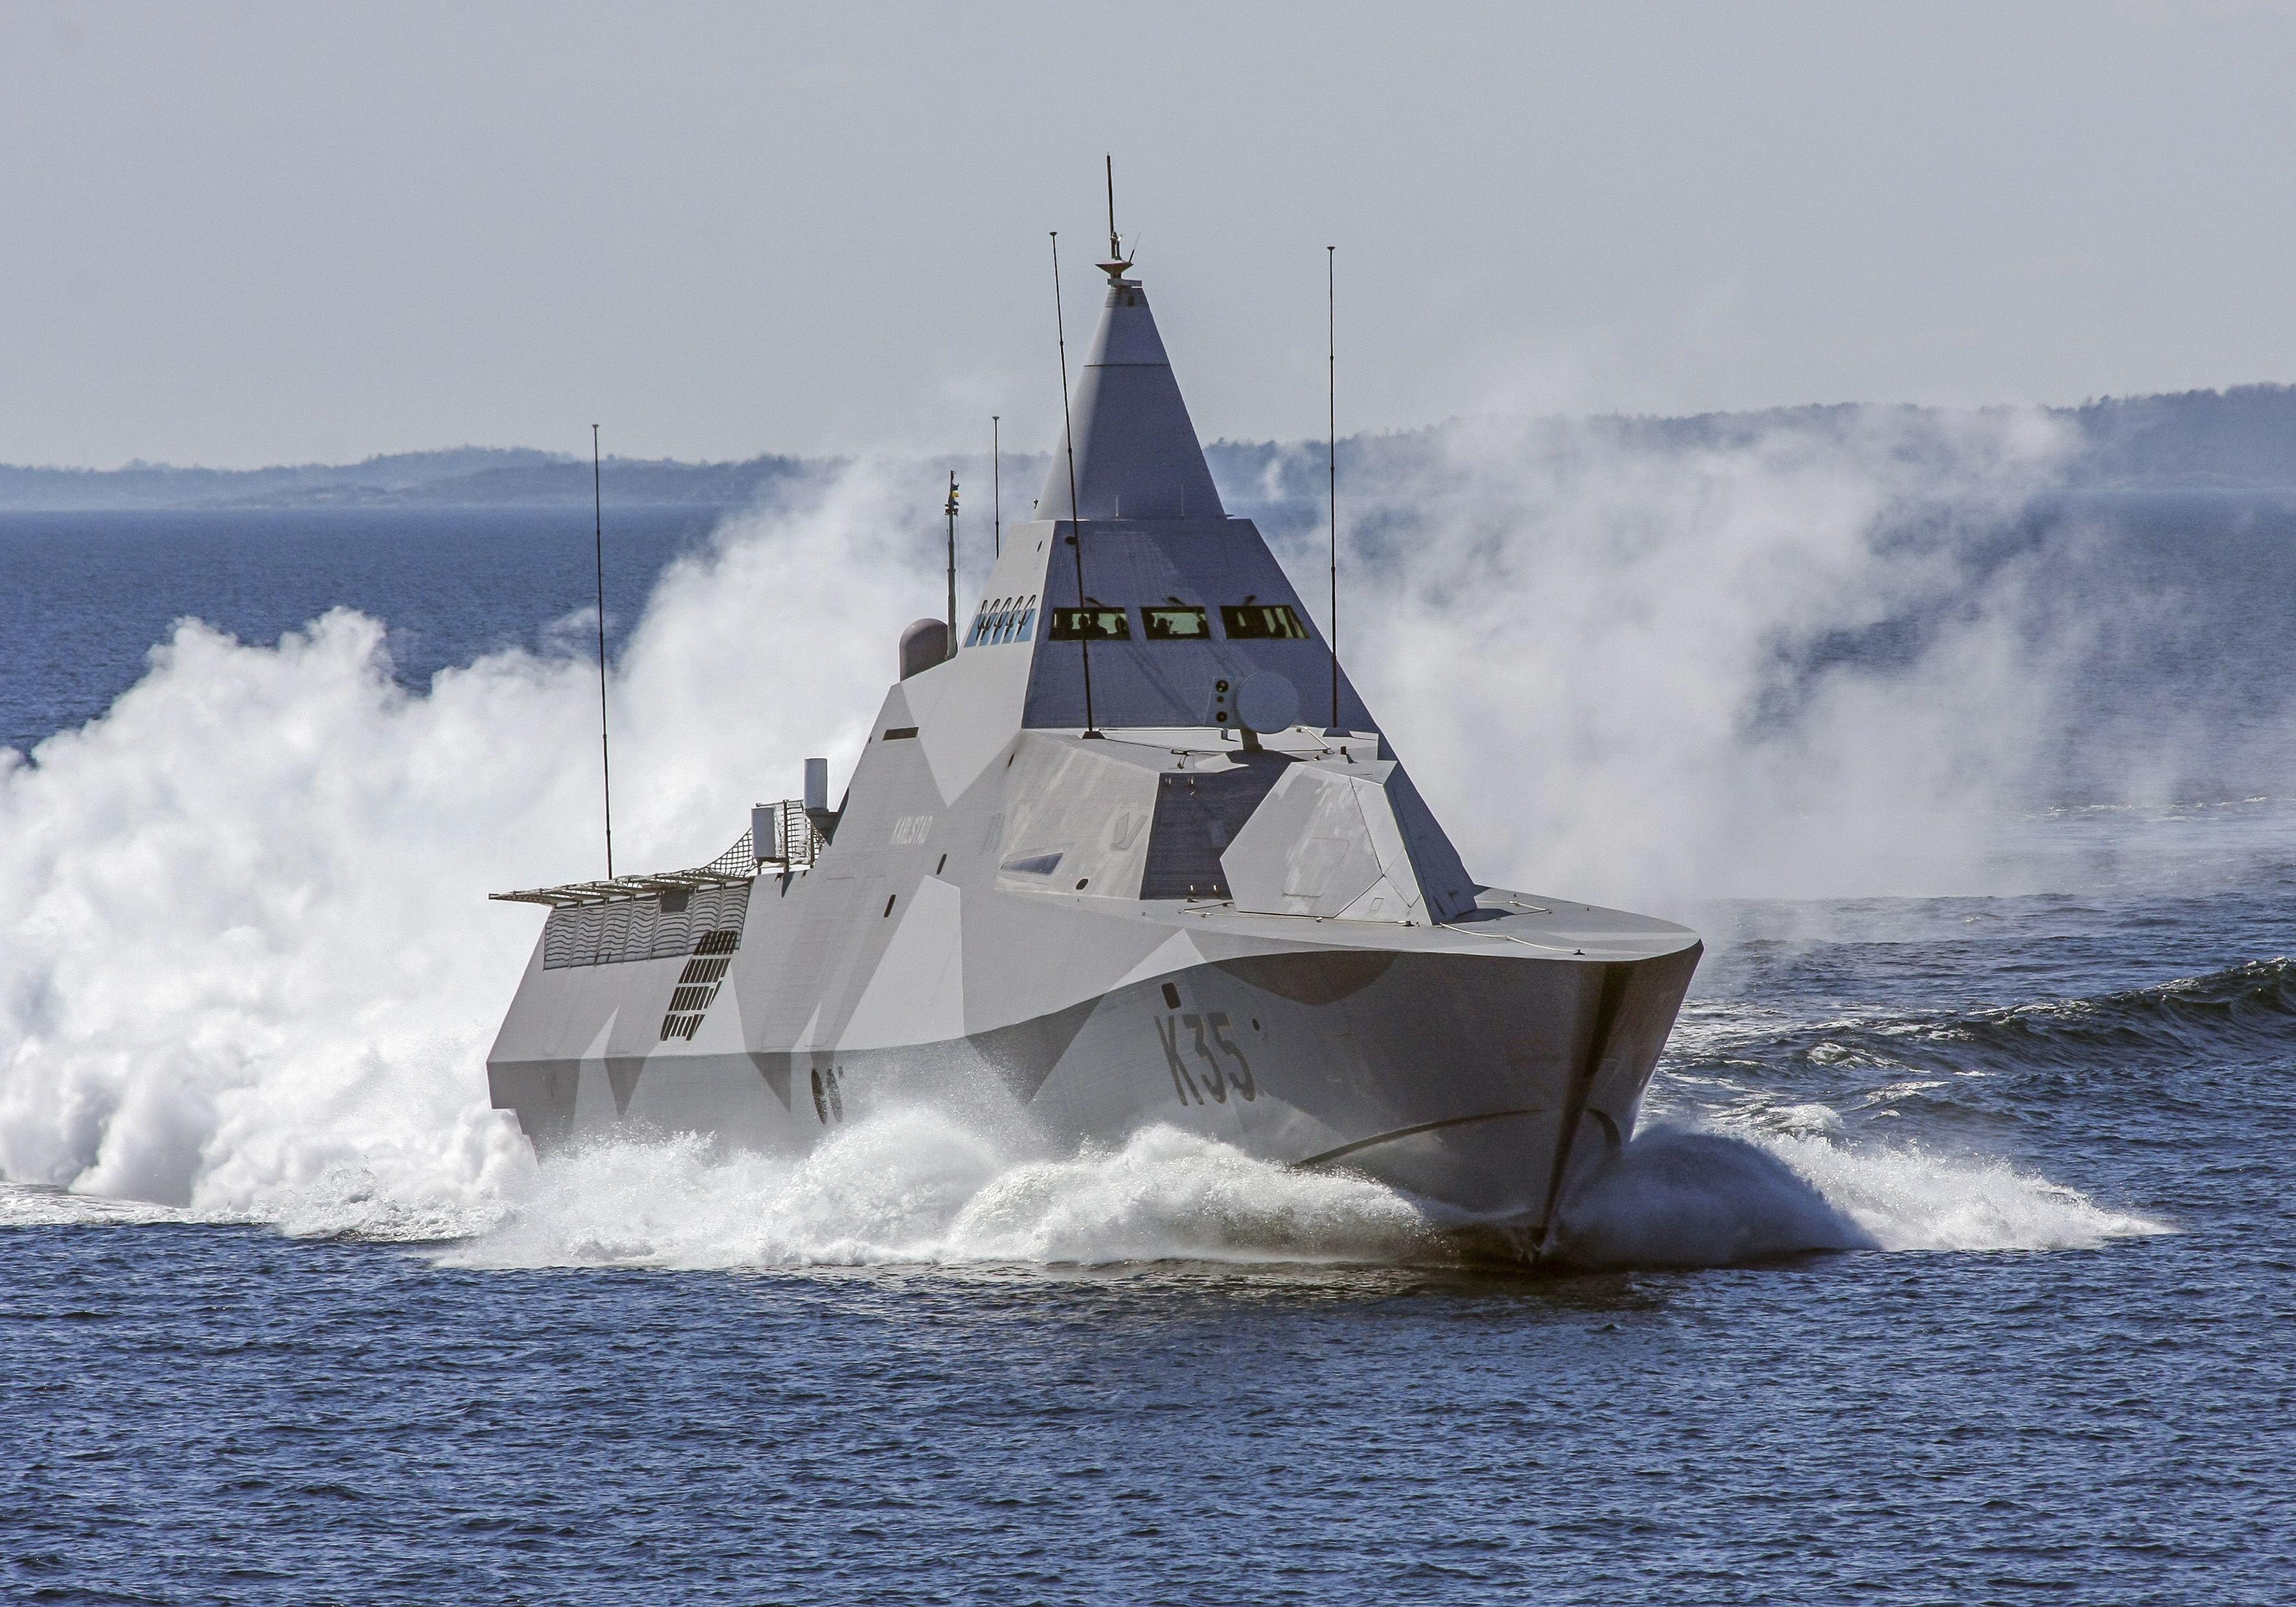 mer baltique tensions armée